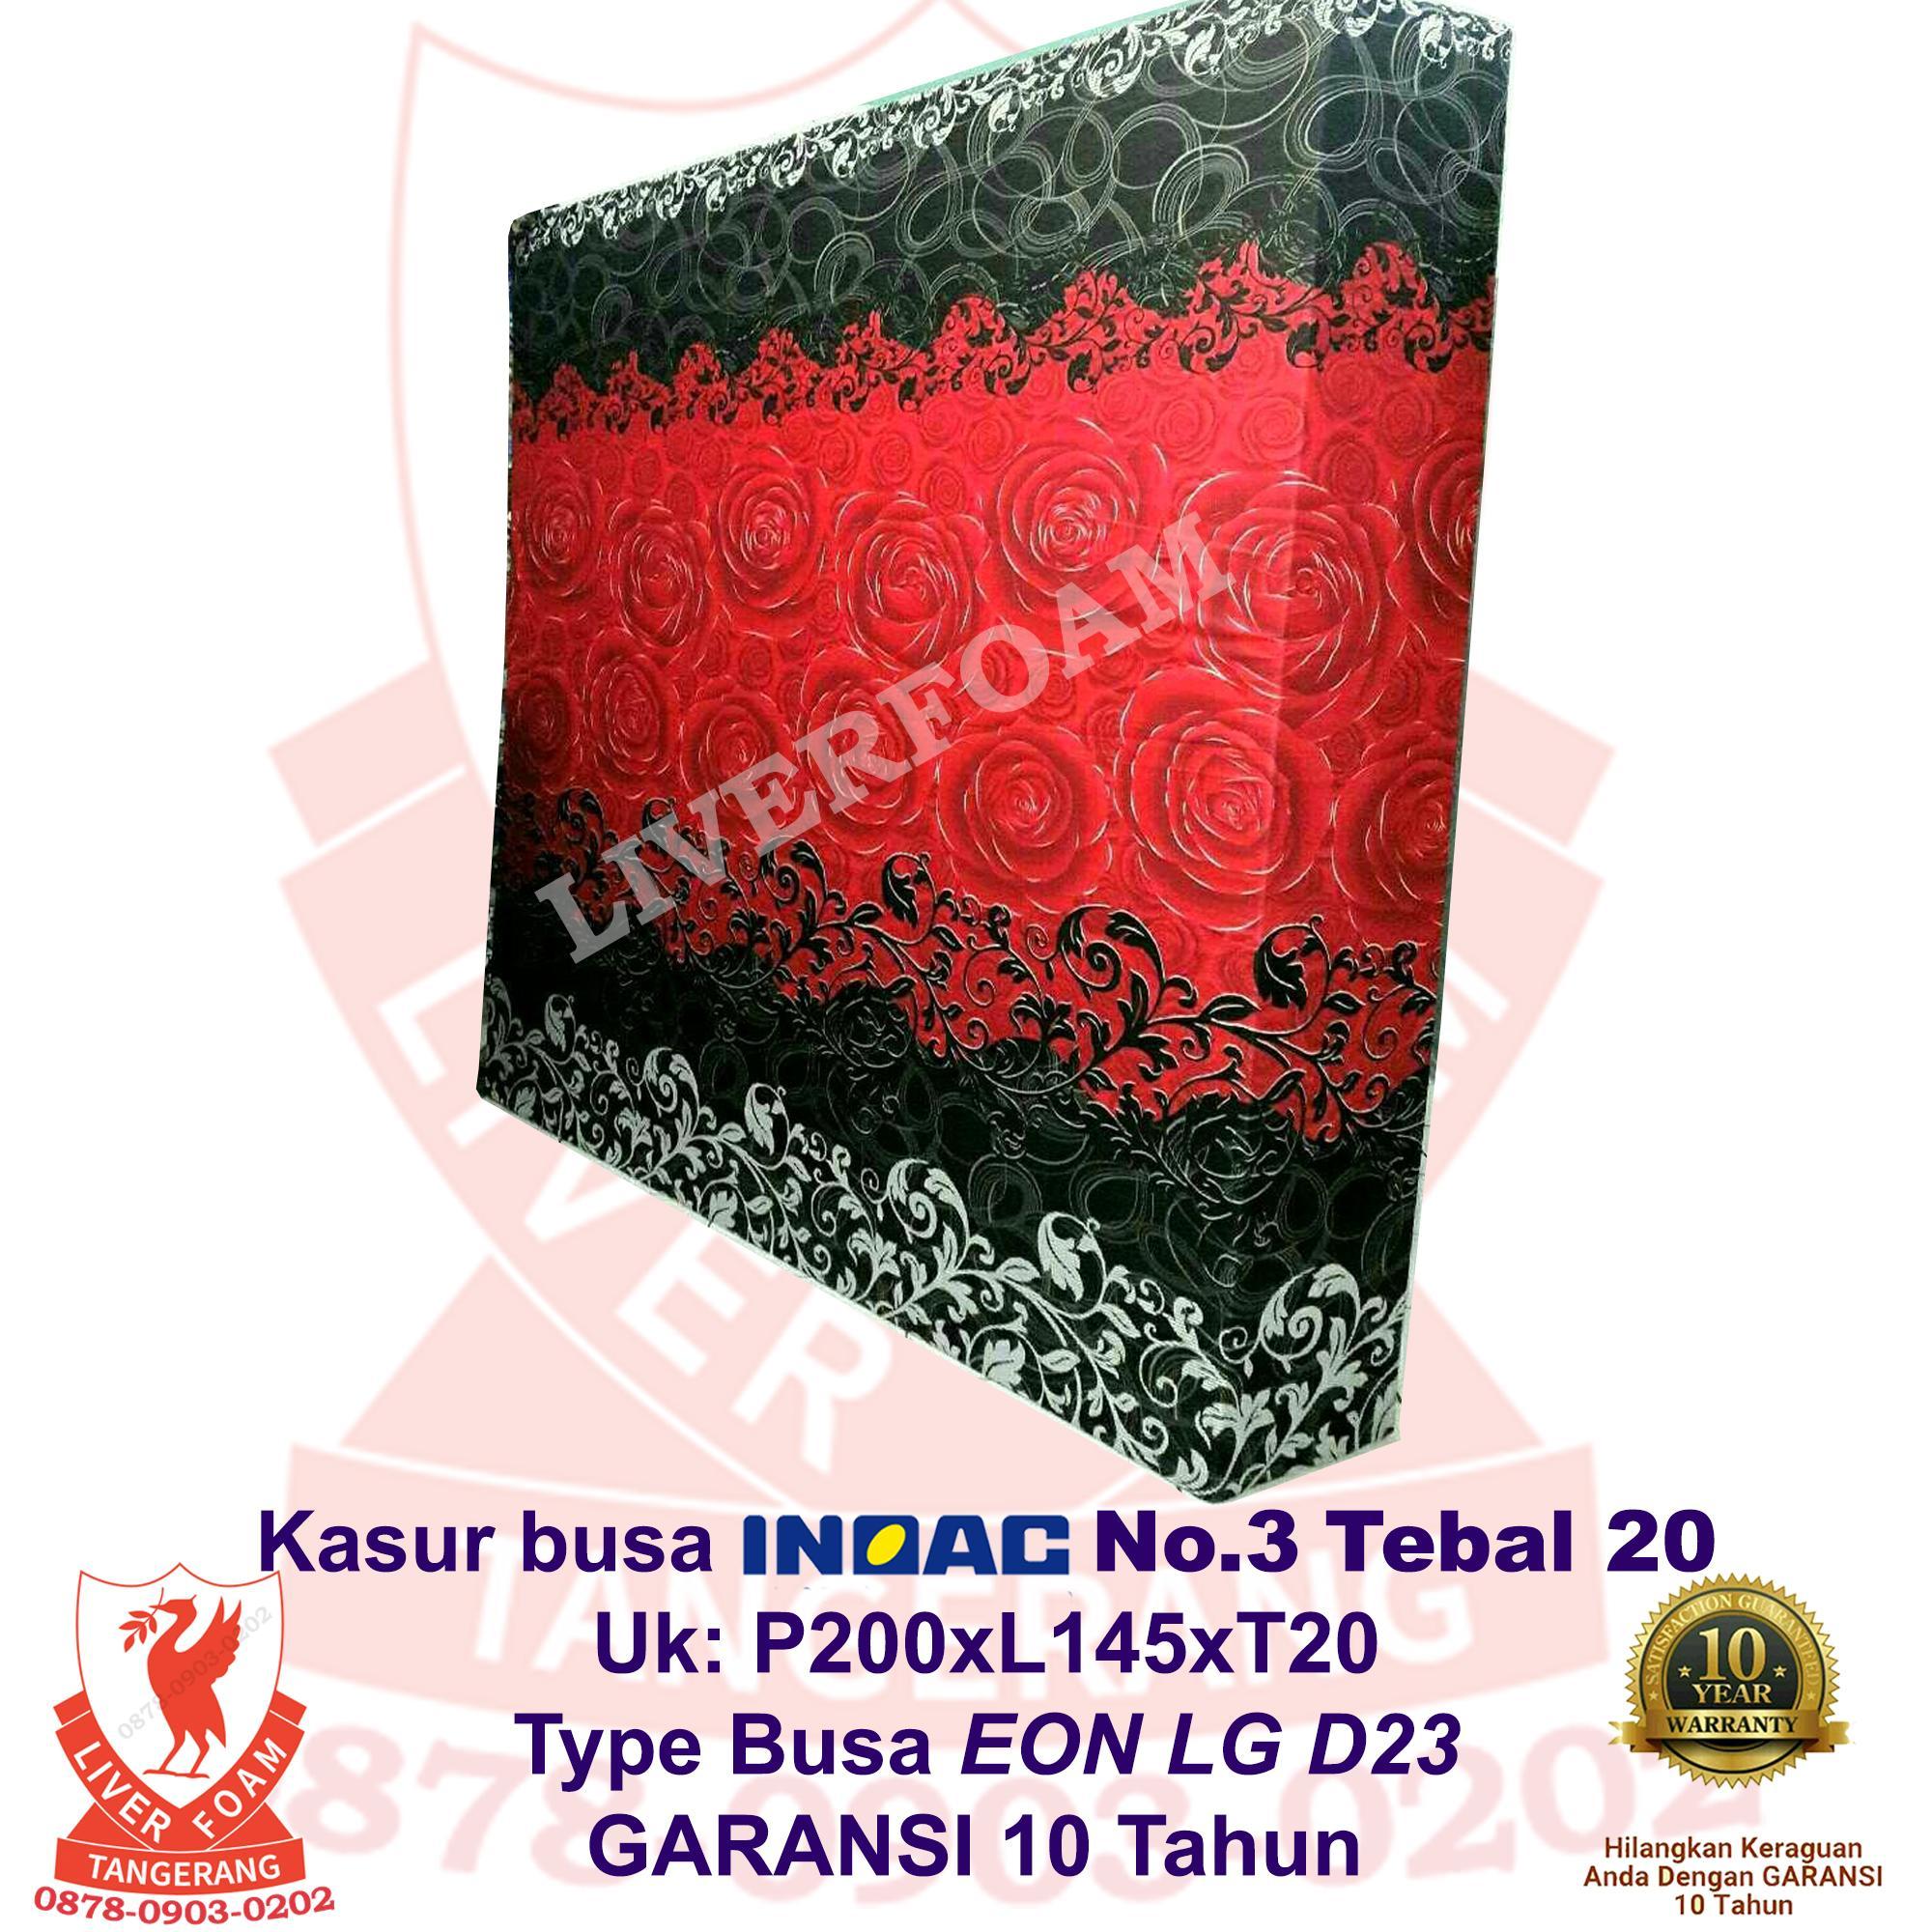 Kasur Busa Inoac No.3 Tebal 20 EON LG D23Uk 200x145x20